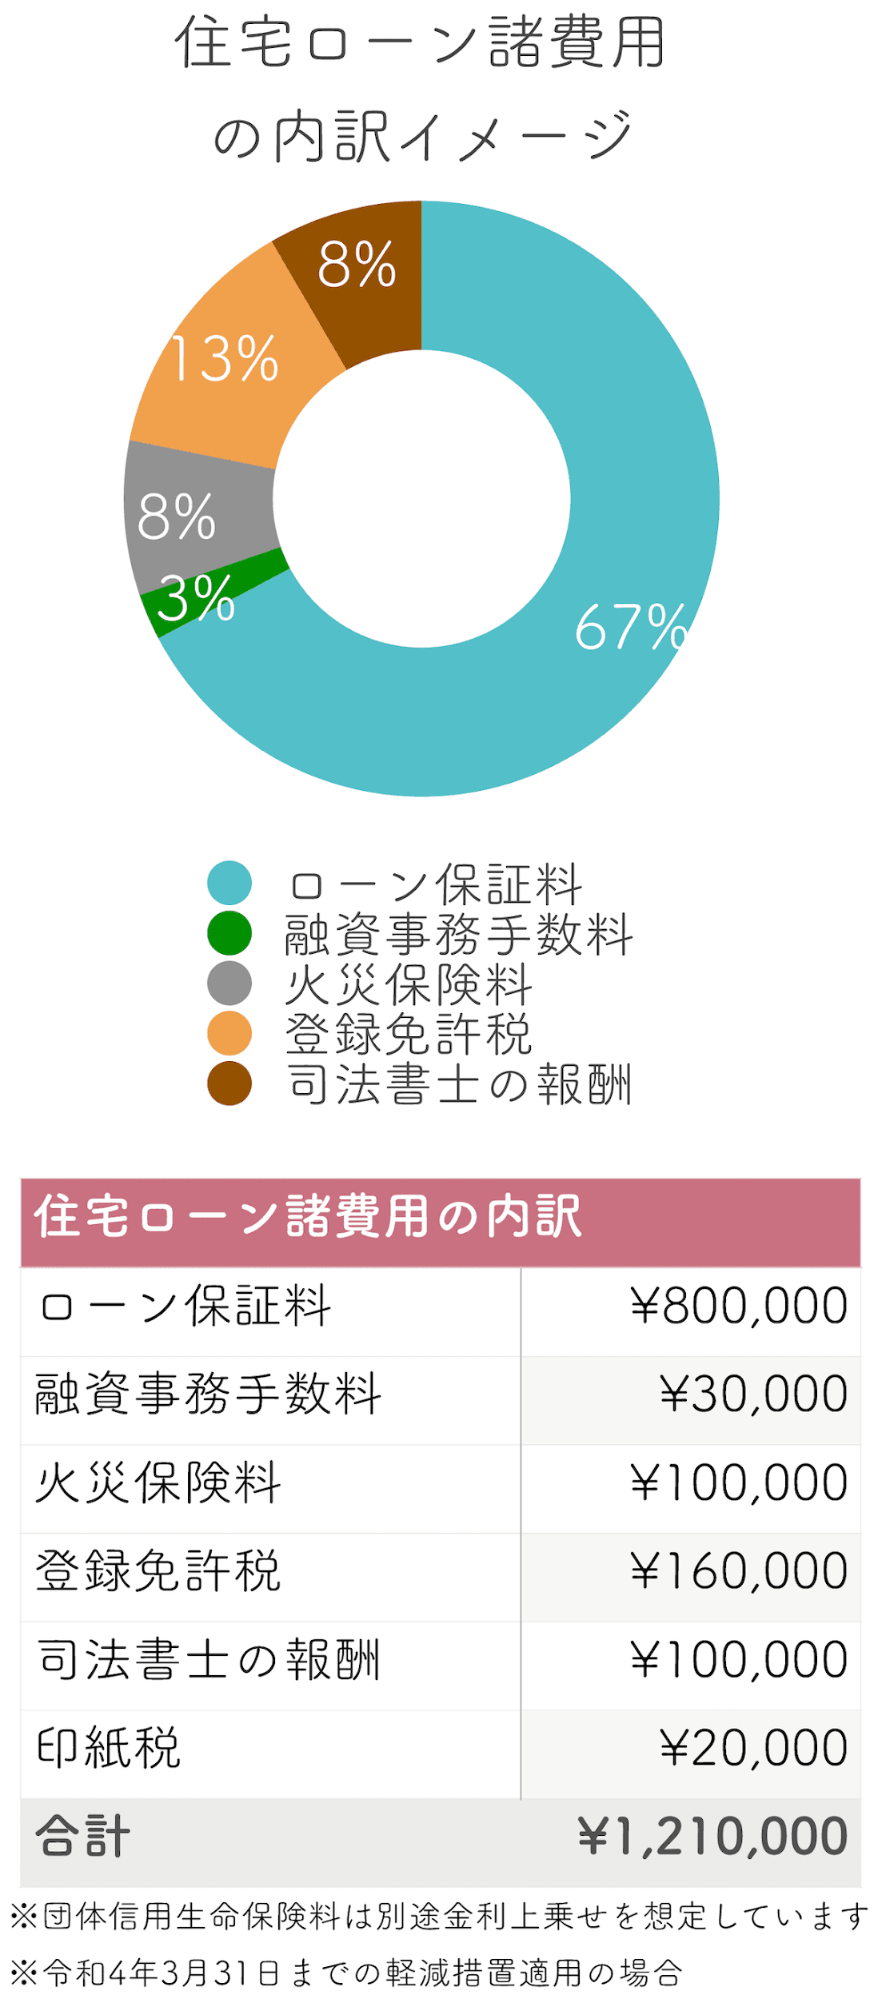 住宅ローン諸費用の内訳イメージ